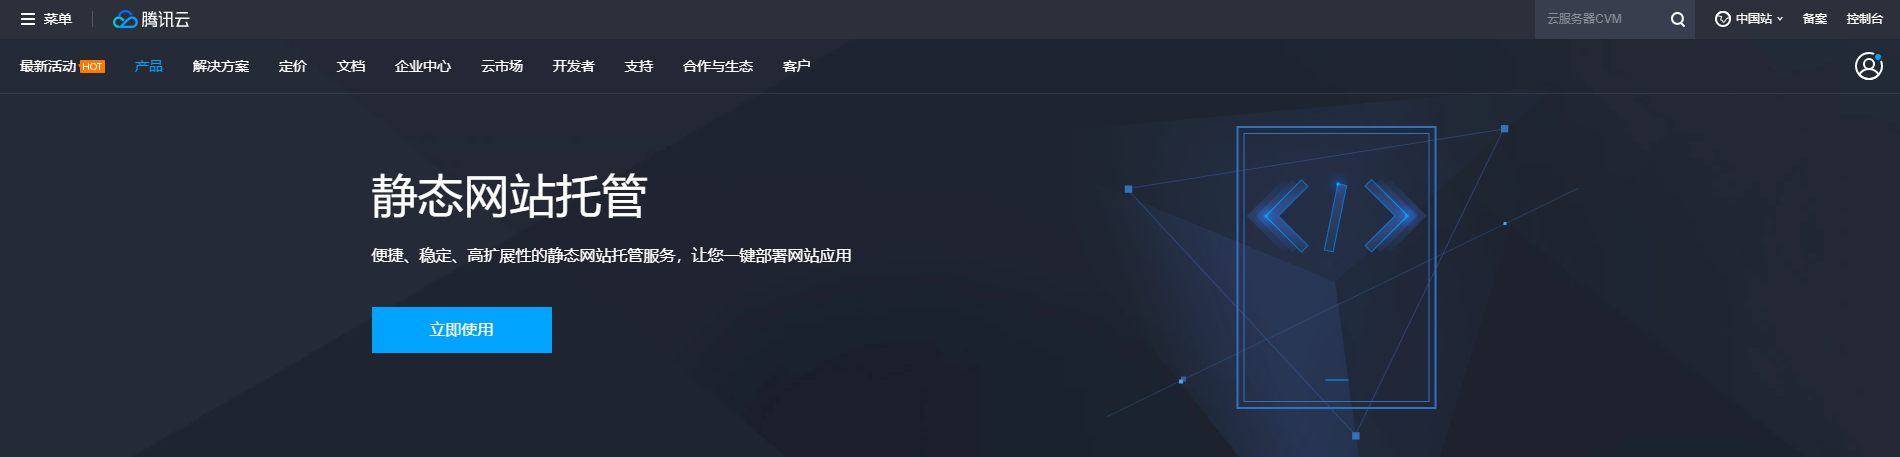 腾讯云免费静态网站托管,还有9.9元/年服务赞助计划!